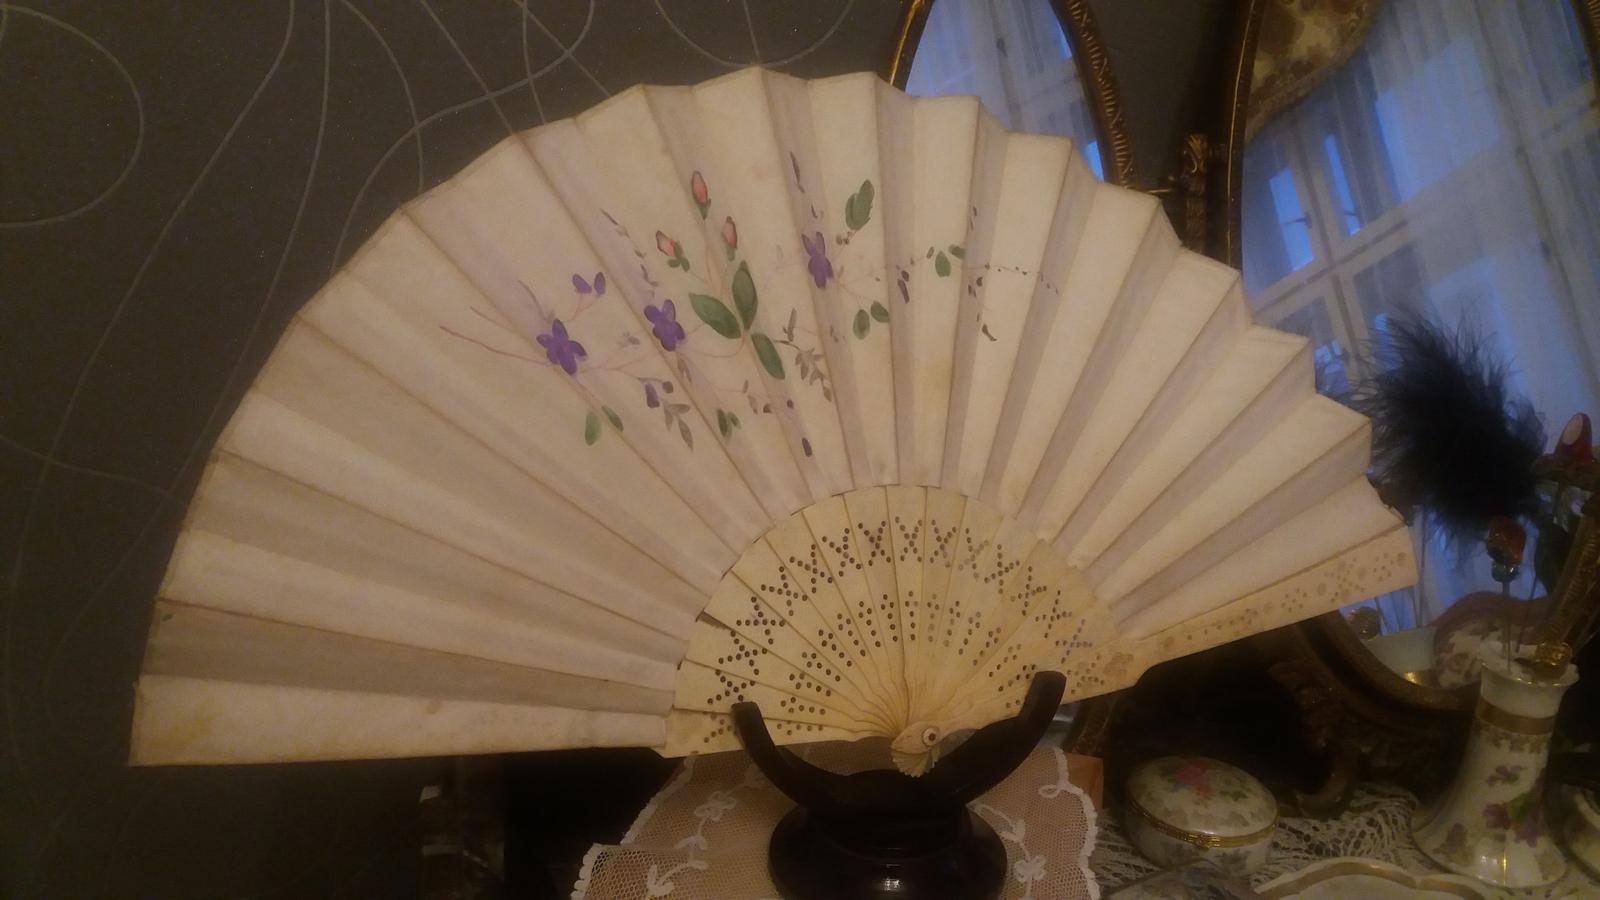 Naše dobová viktoriánská  svatba - Můj svatební kostěný vějíř